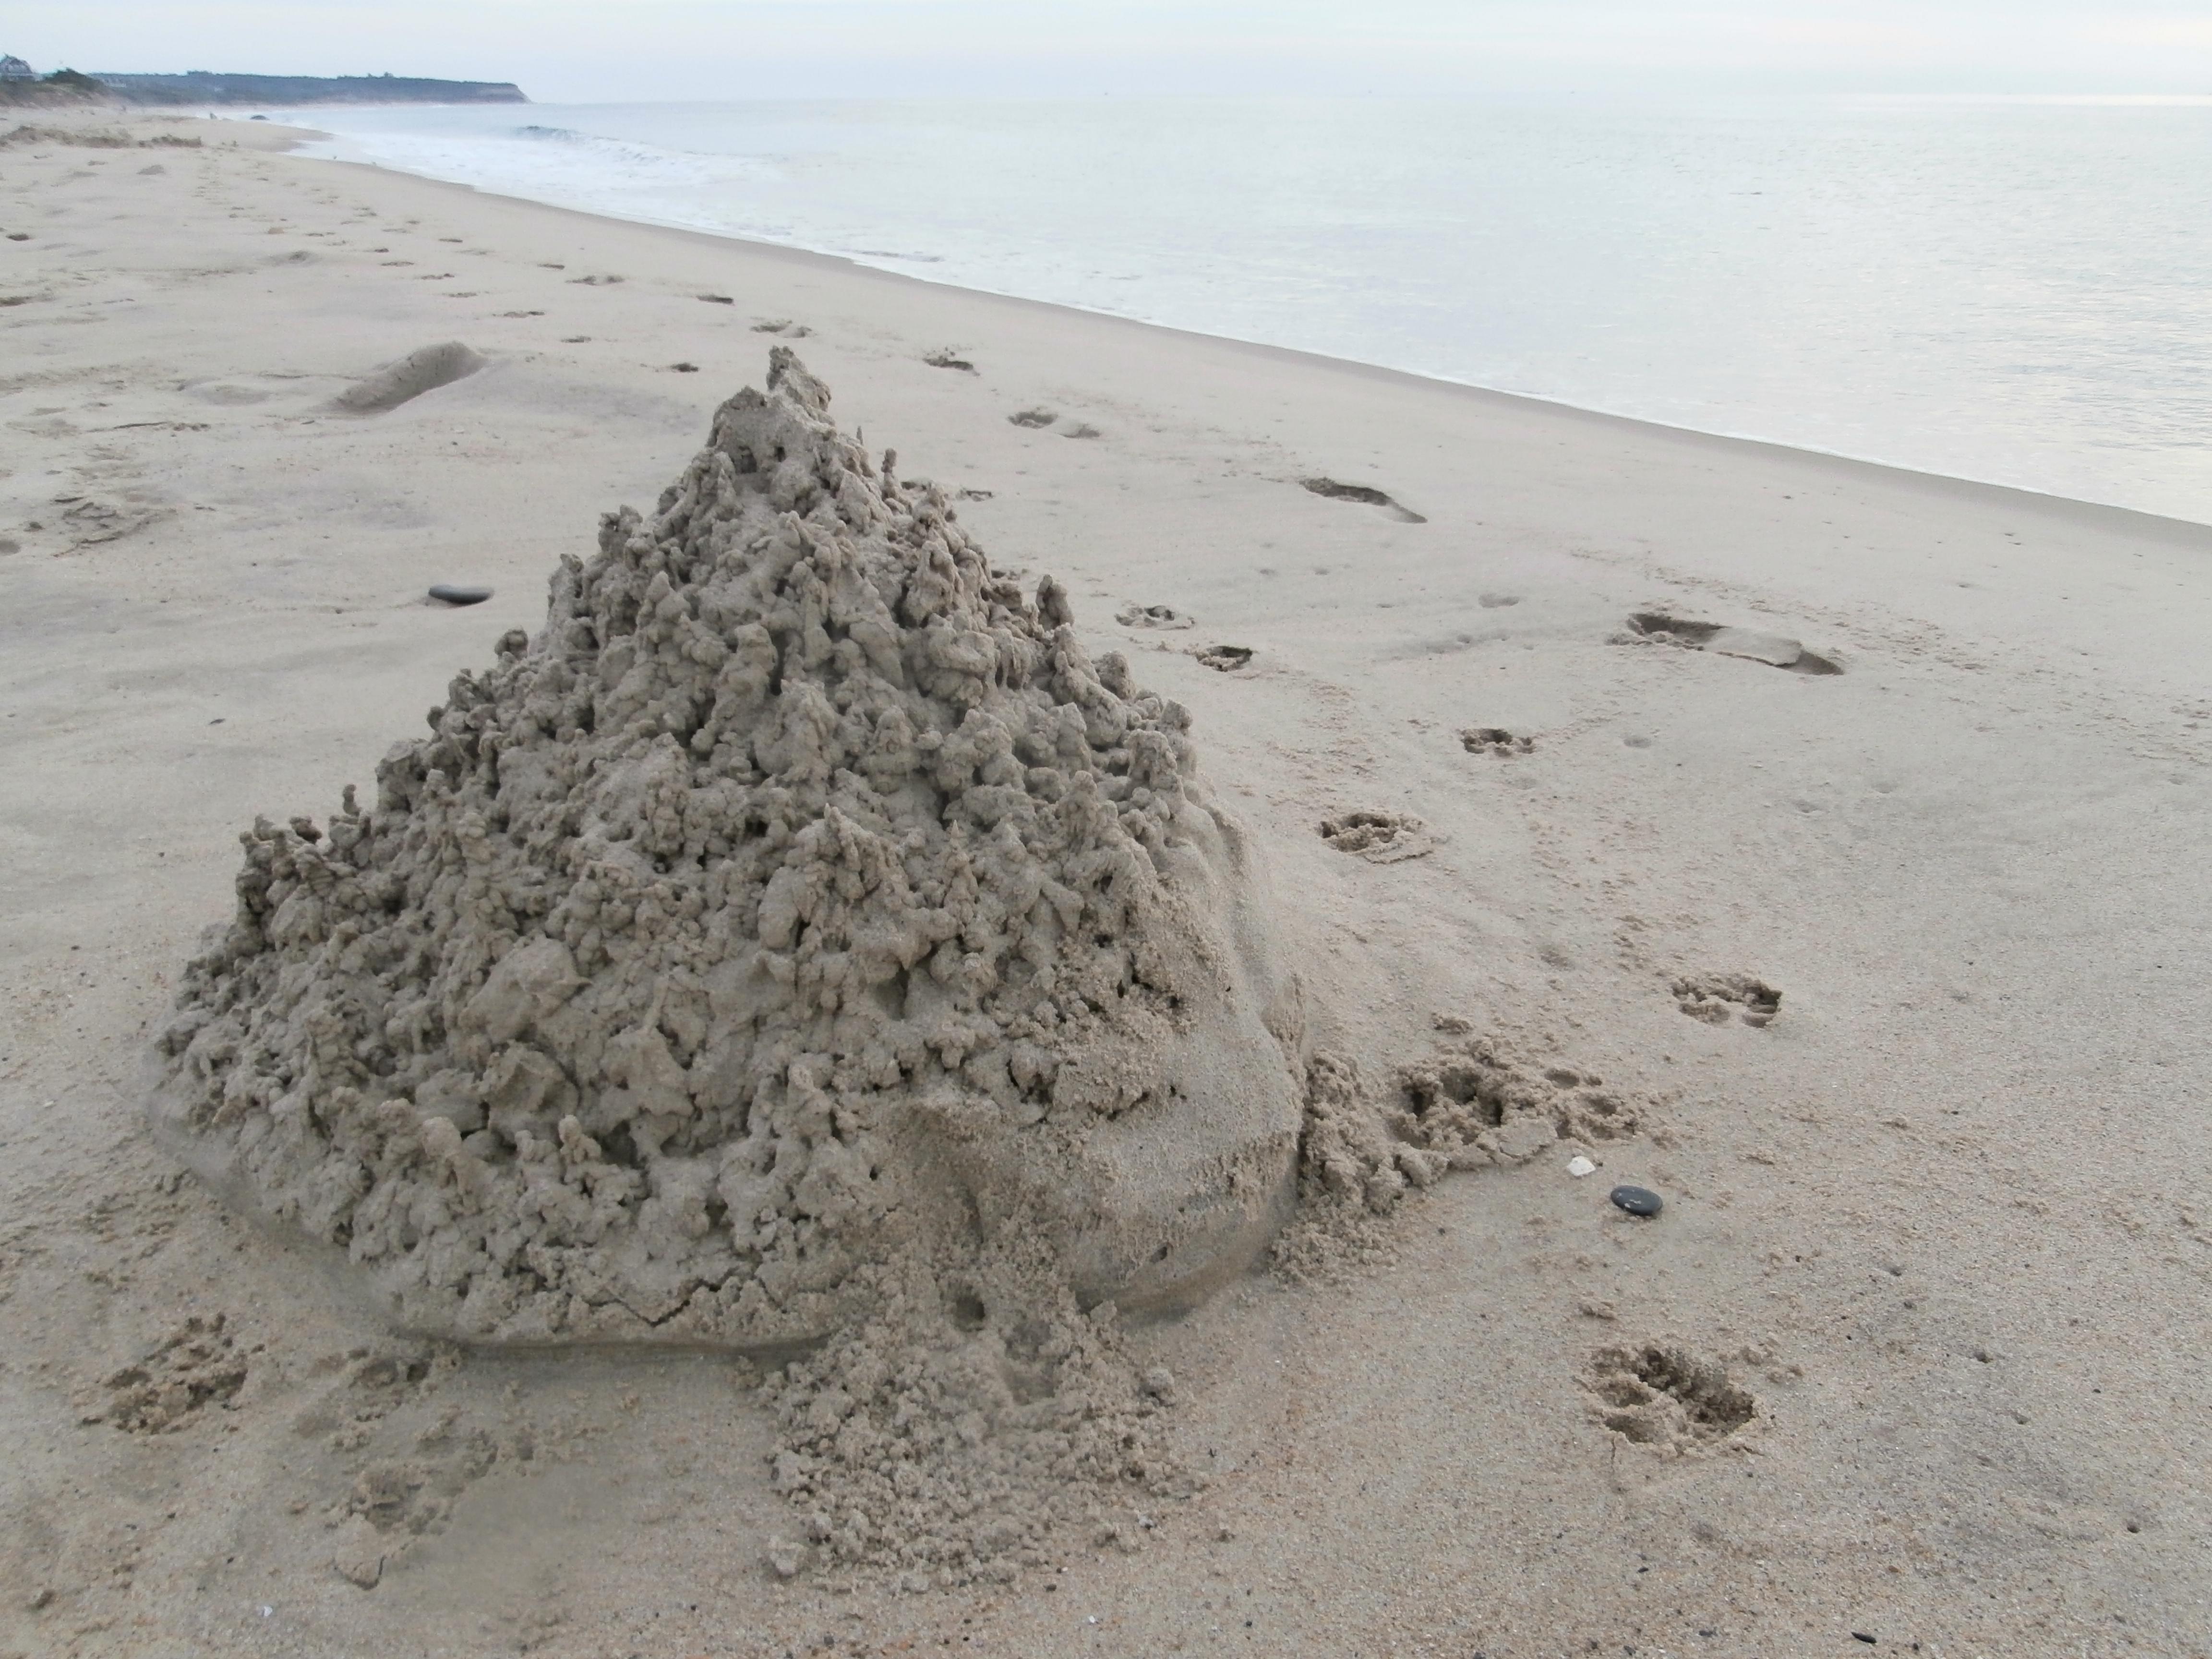 Sand Castle Sand castles